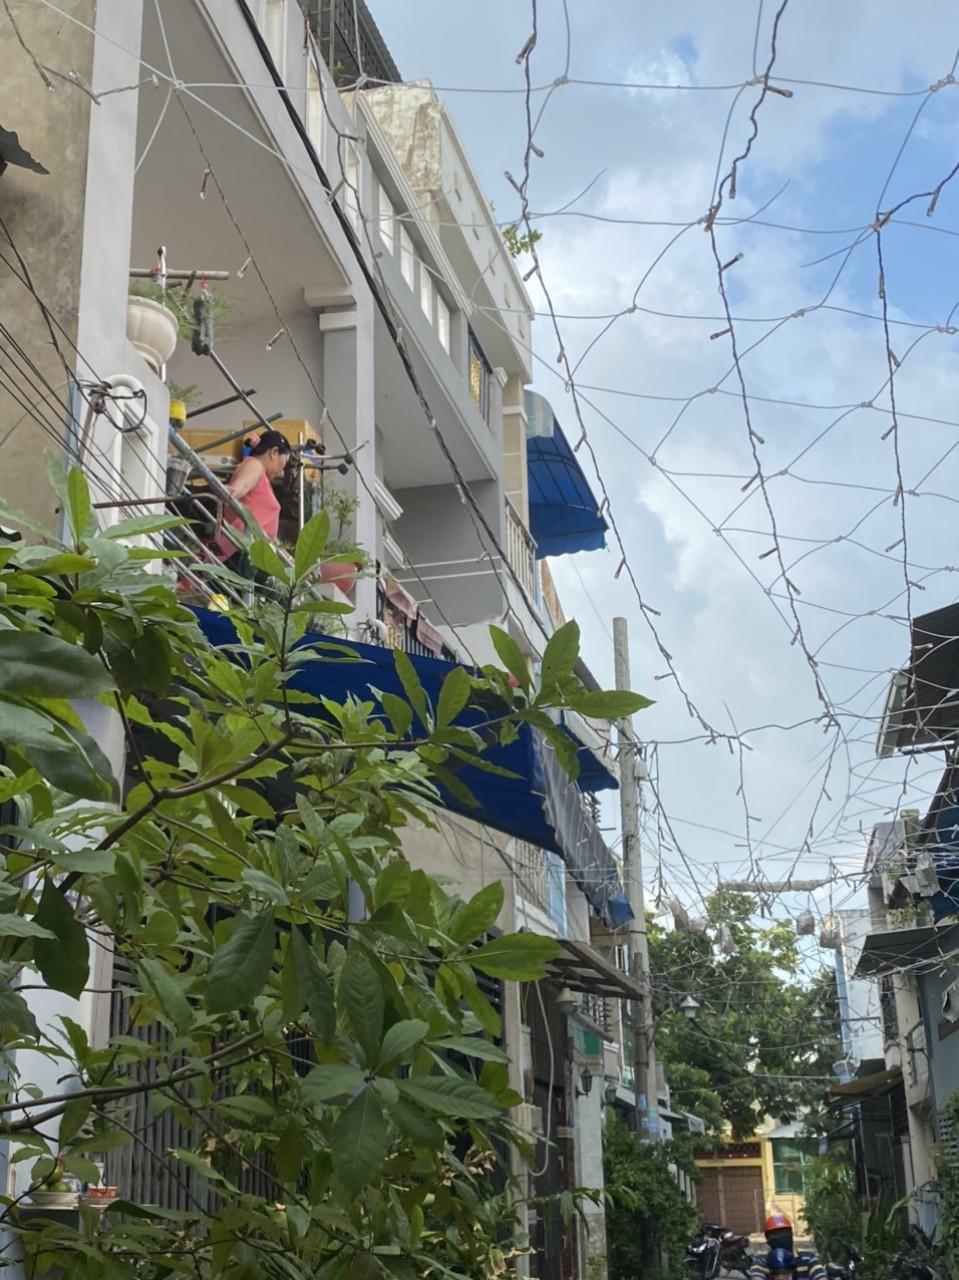 Bán nhà quận Bình Tân dưới 3 tỷ, hẻm 4m Đường số 16A, Bình Hưng Hòa A, quận Bình Tân